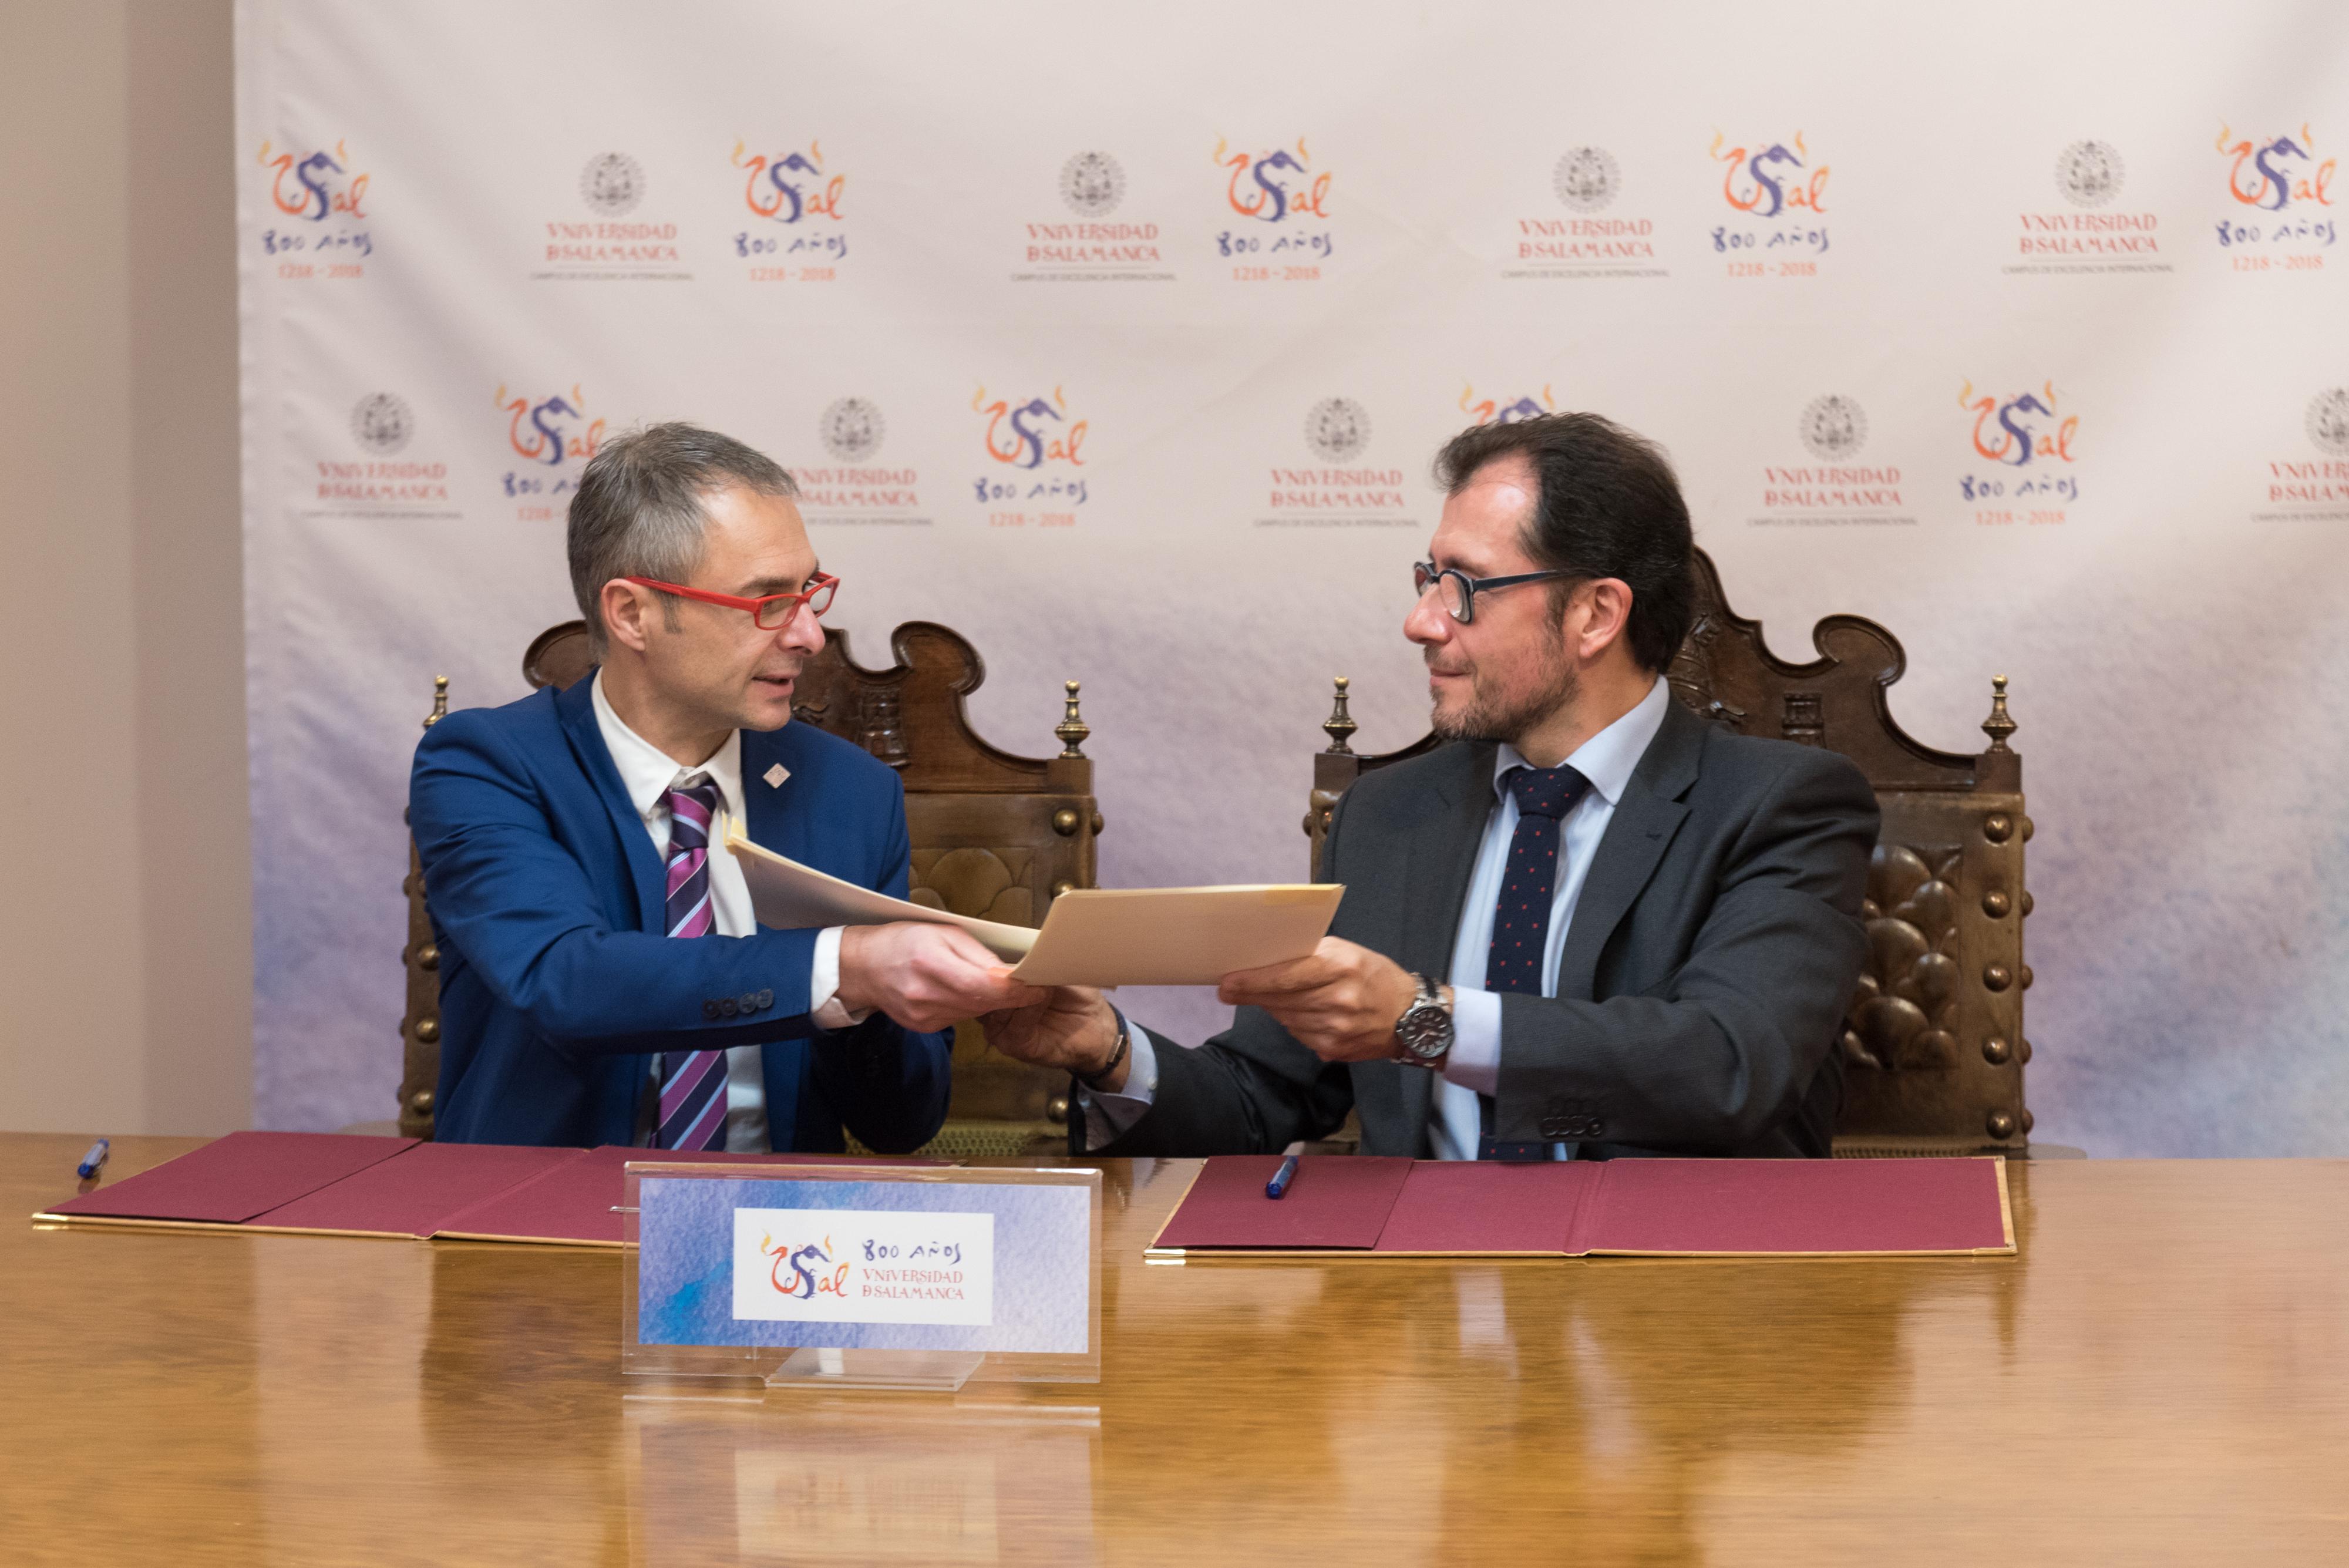 La Universidad de Salamanca y la ONCE colaborarán para facilitar la accesibilidad a alumnos extranjeros